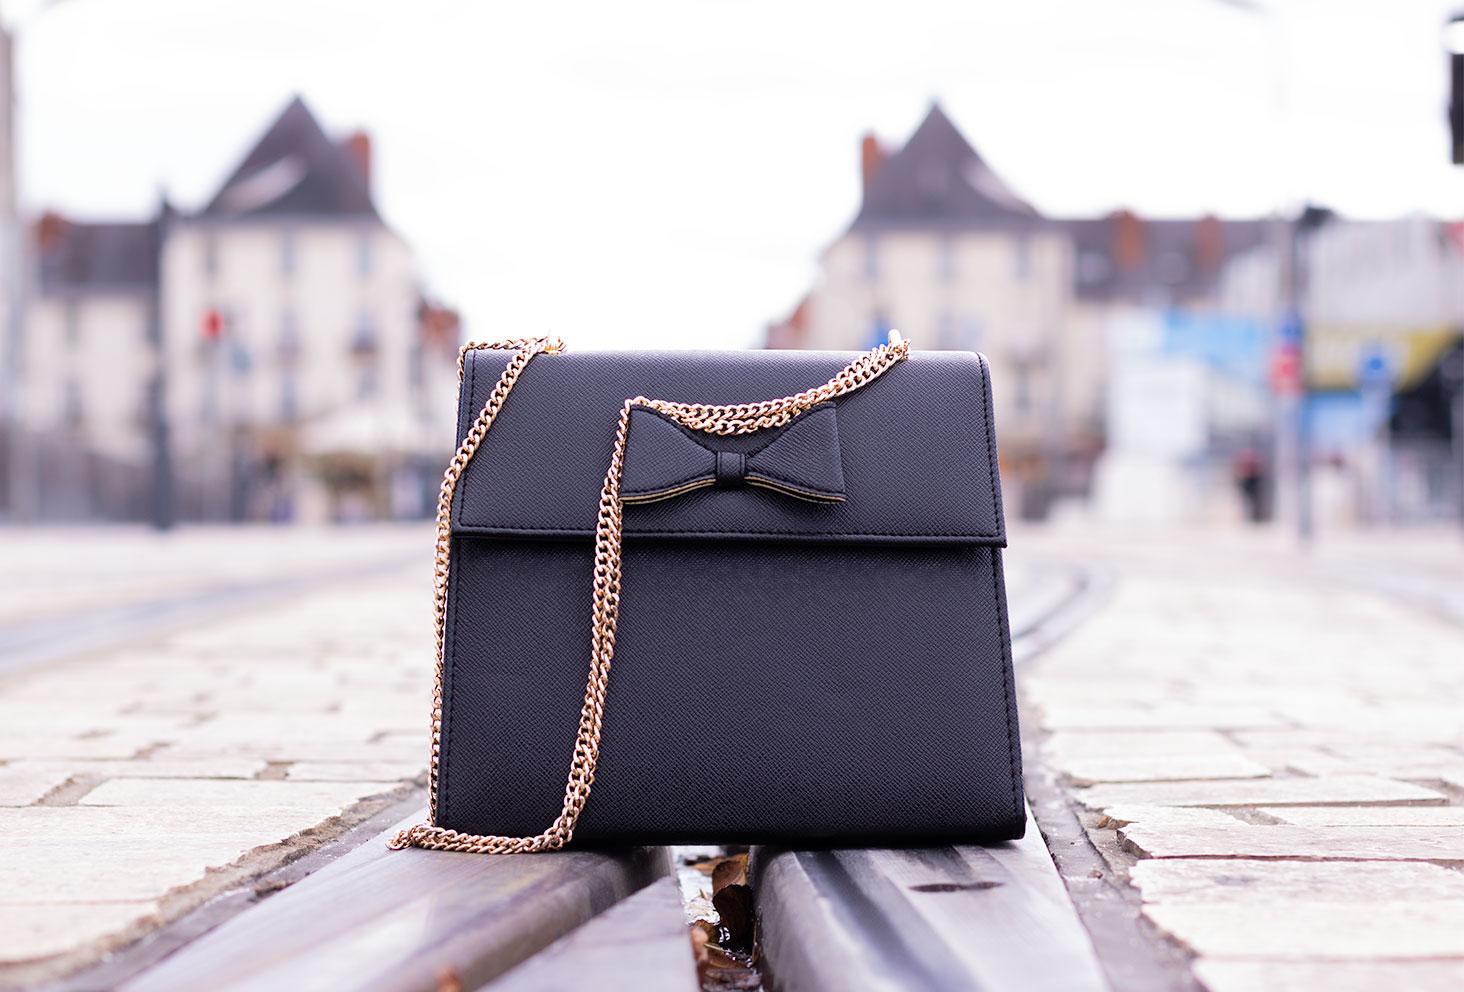 Zoom sur le sac noir rigide avec un noeud sur le dessus, posé par terre au milieu d'une rue en plein centre ville